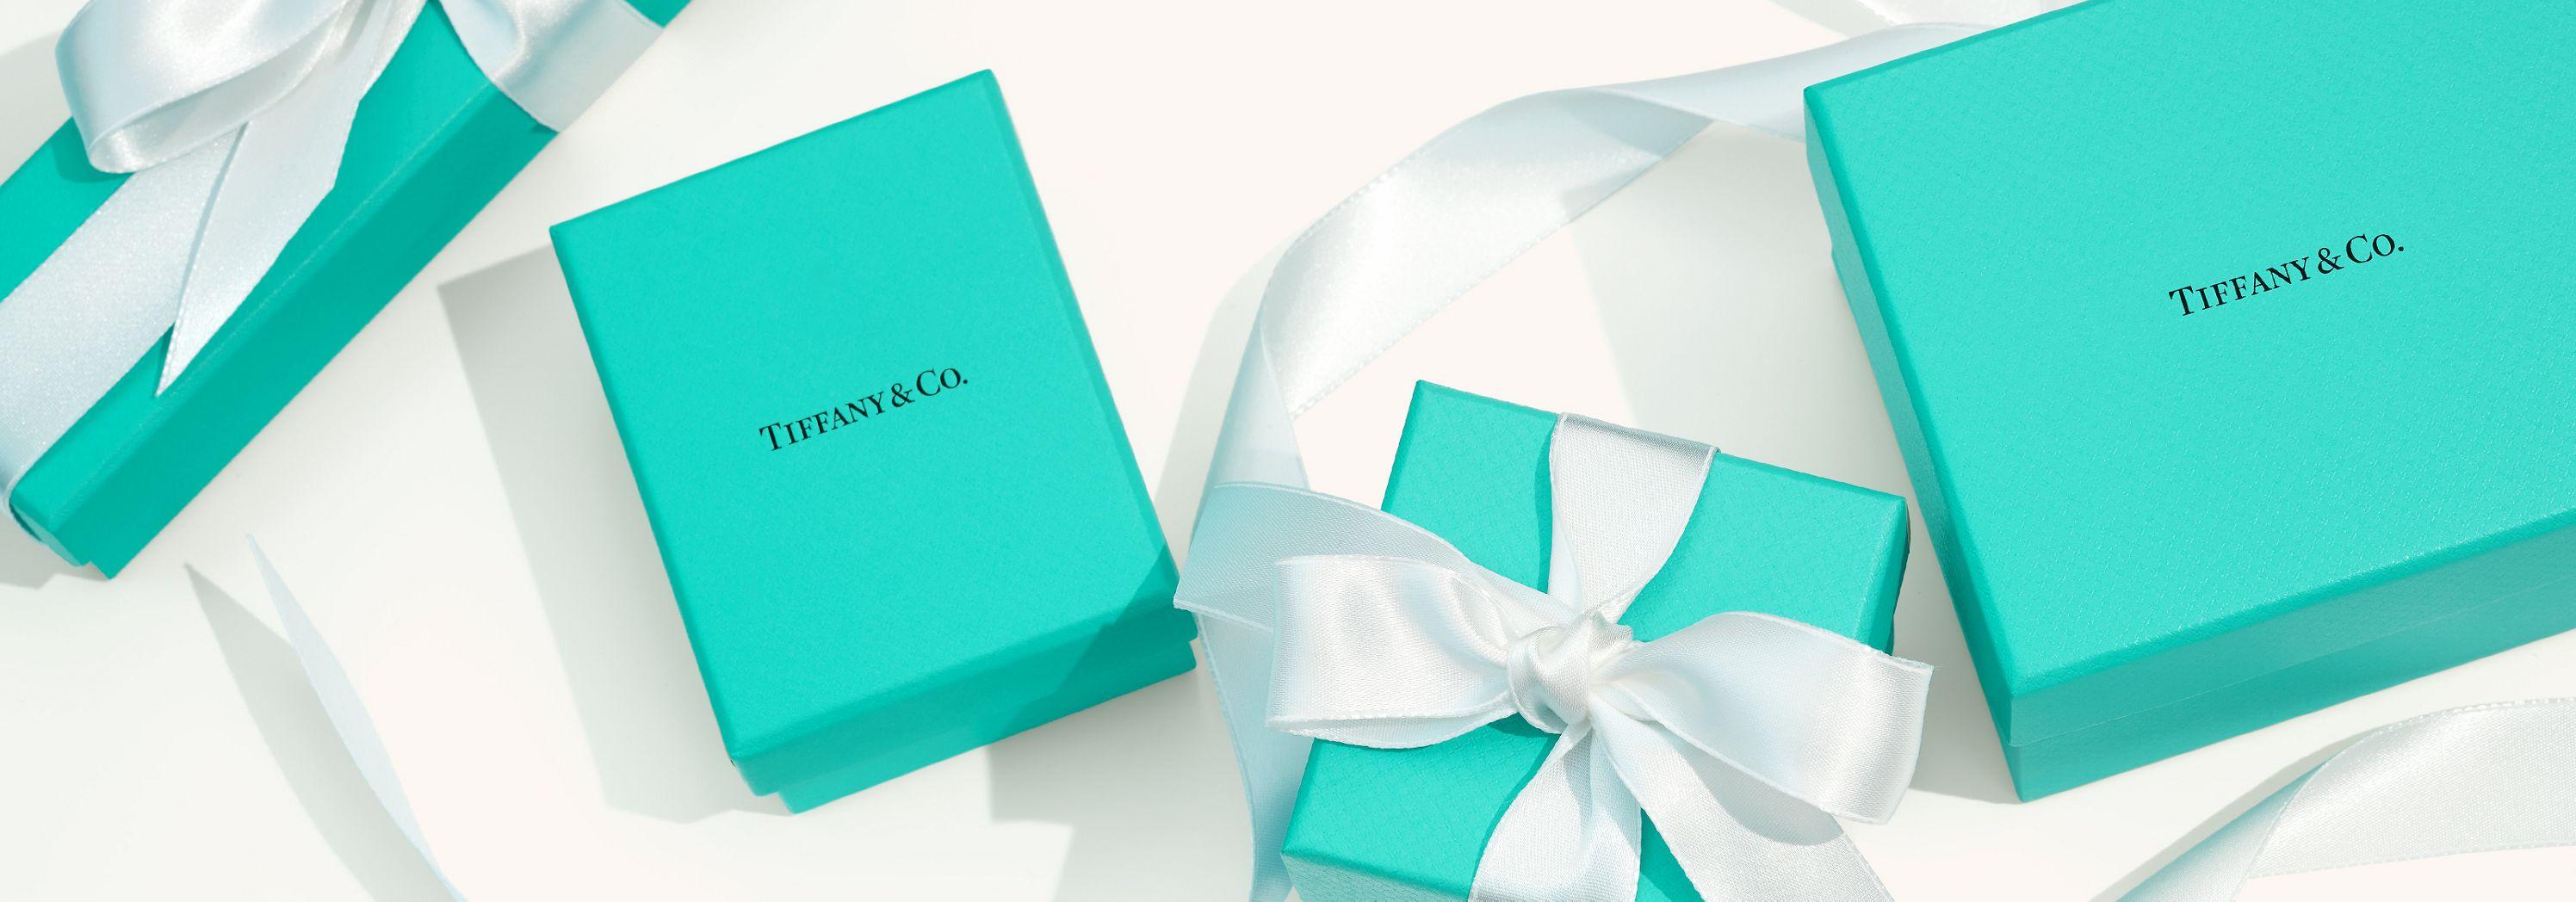 d3266d26d The World of Tiffany | Tiffany & Co.